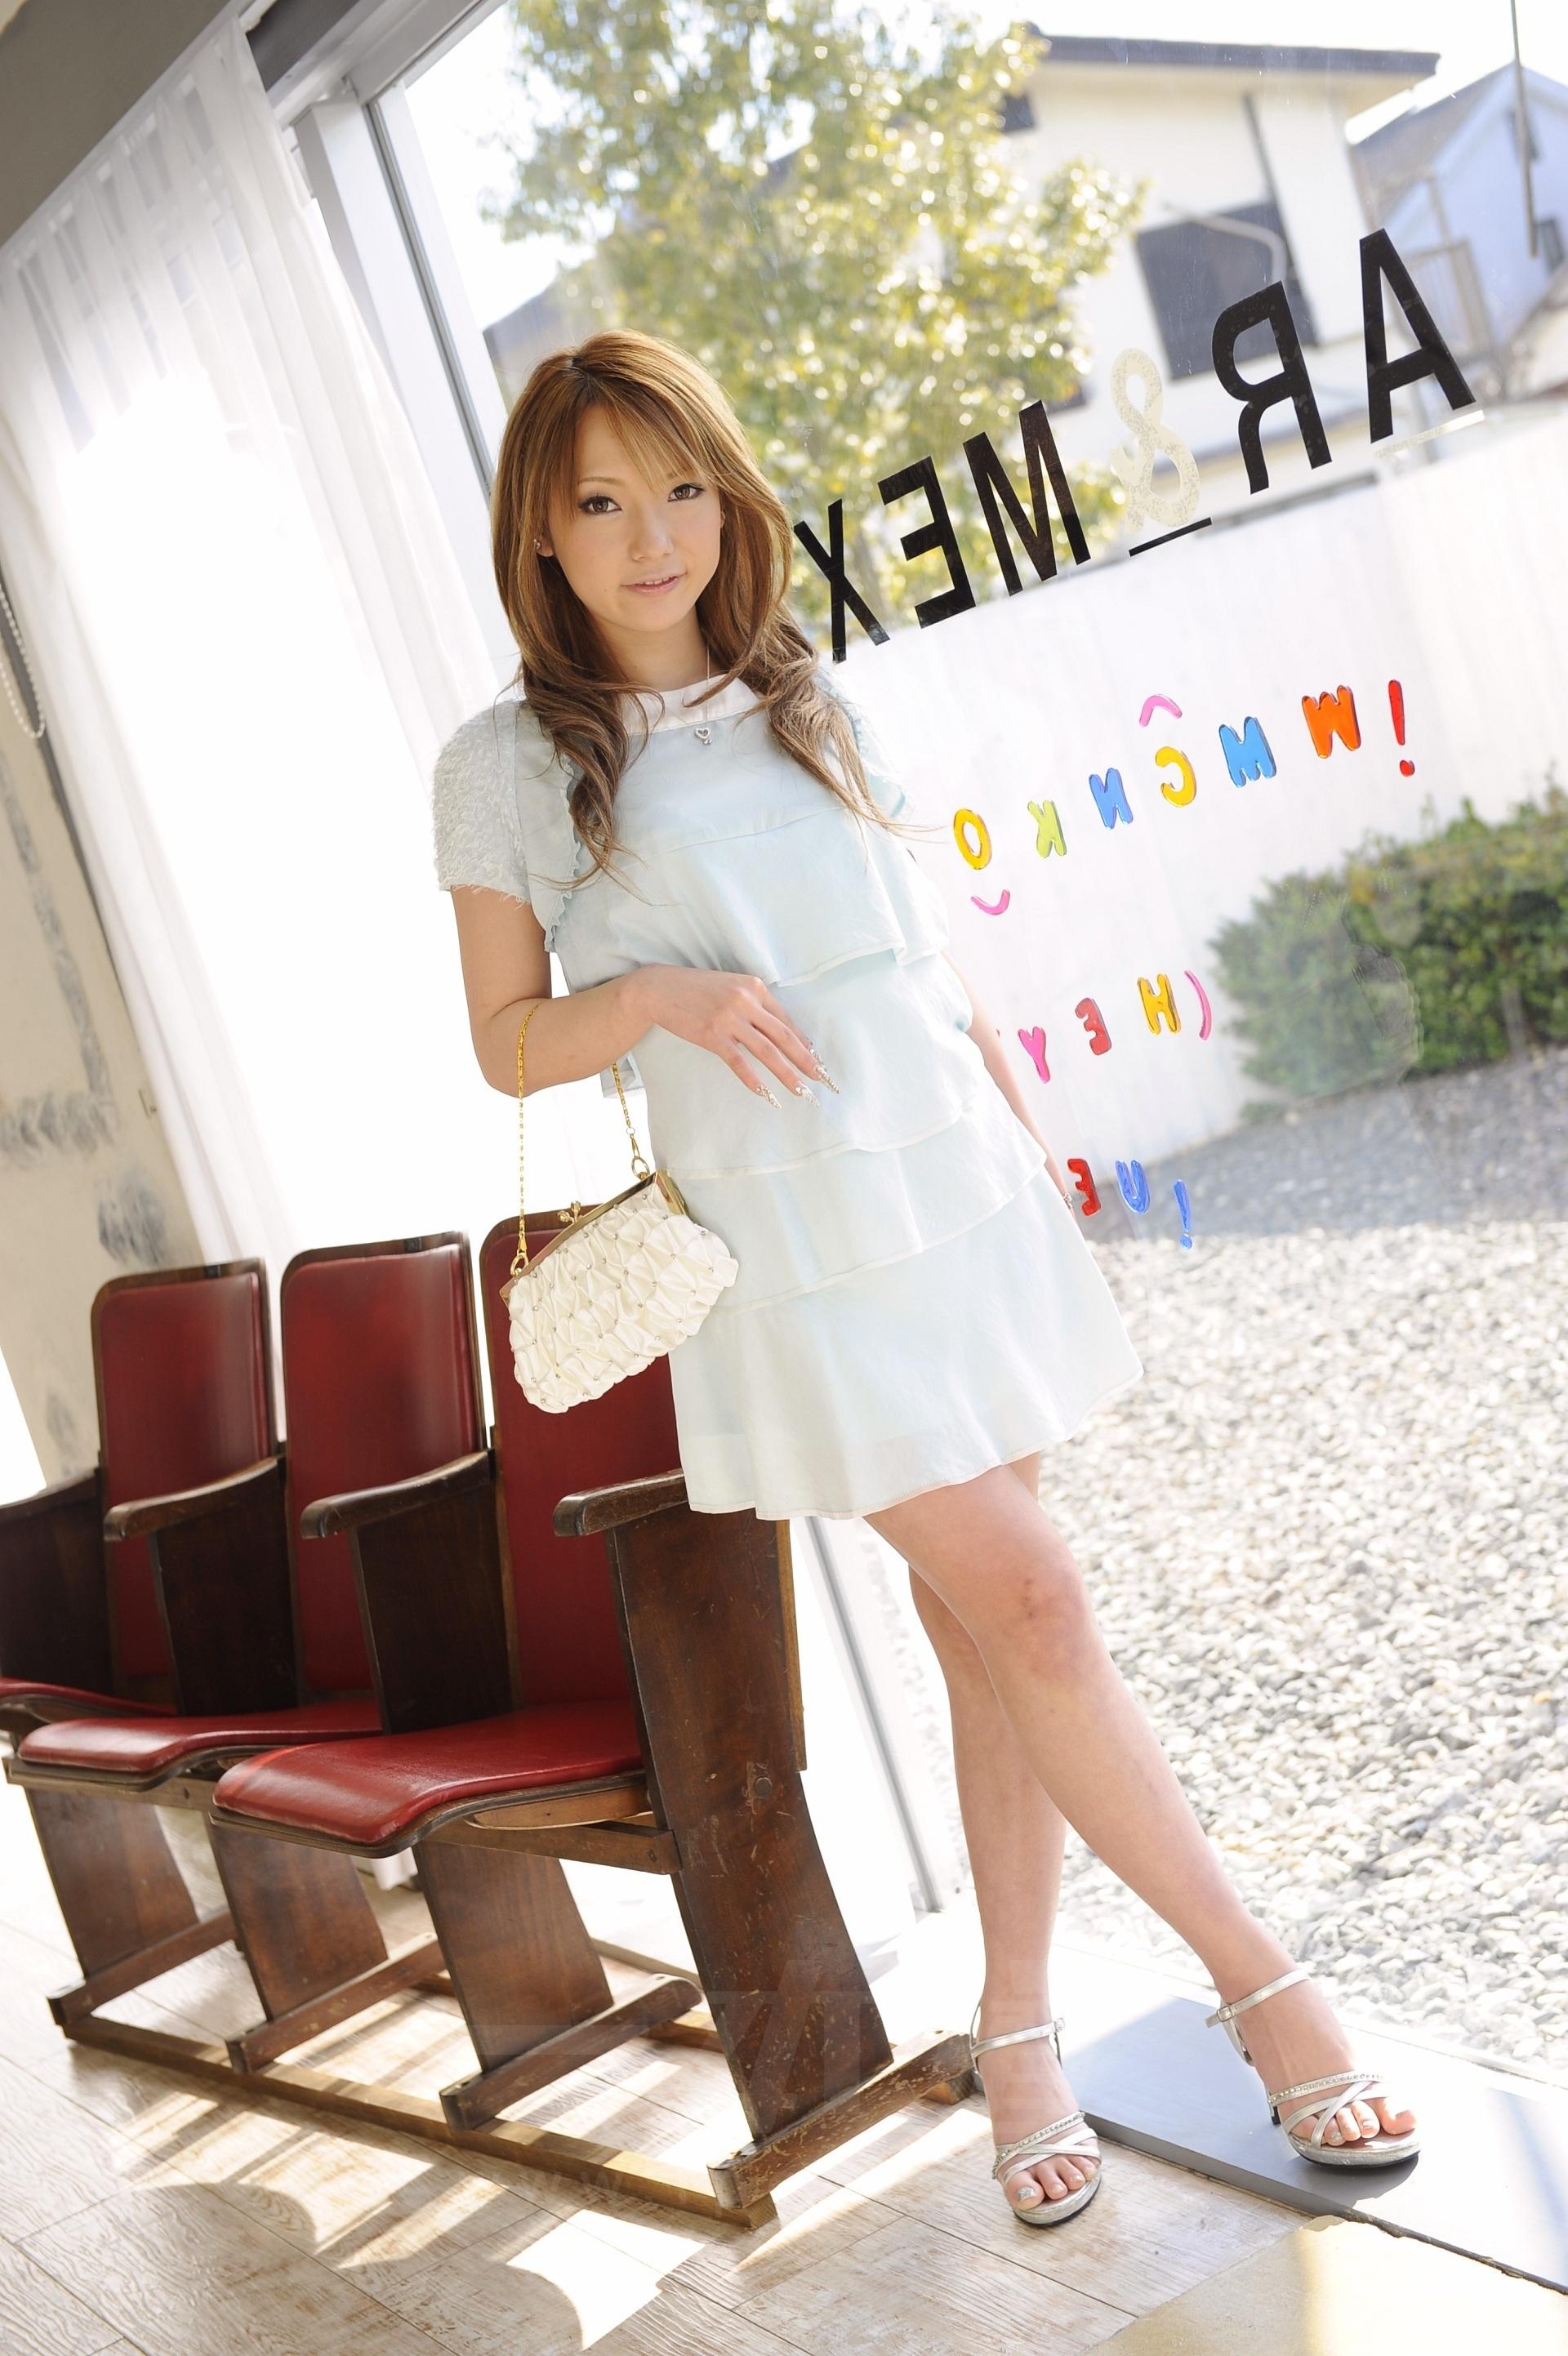 ... 新垣セナさん(20歳)がの写真